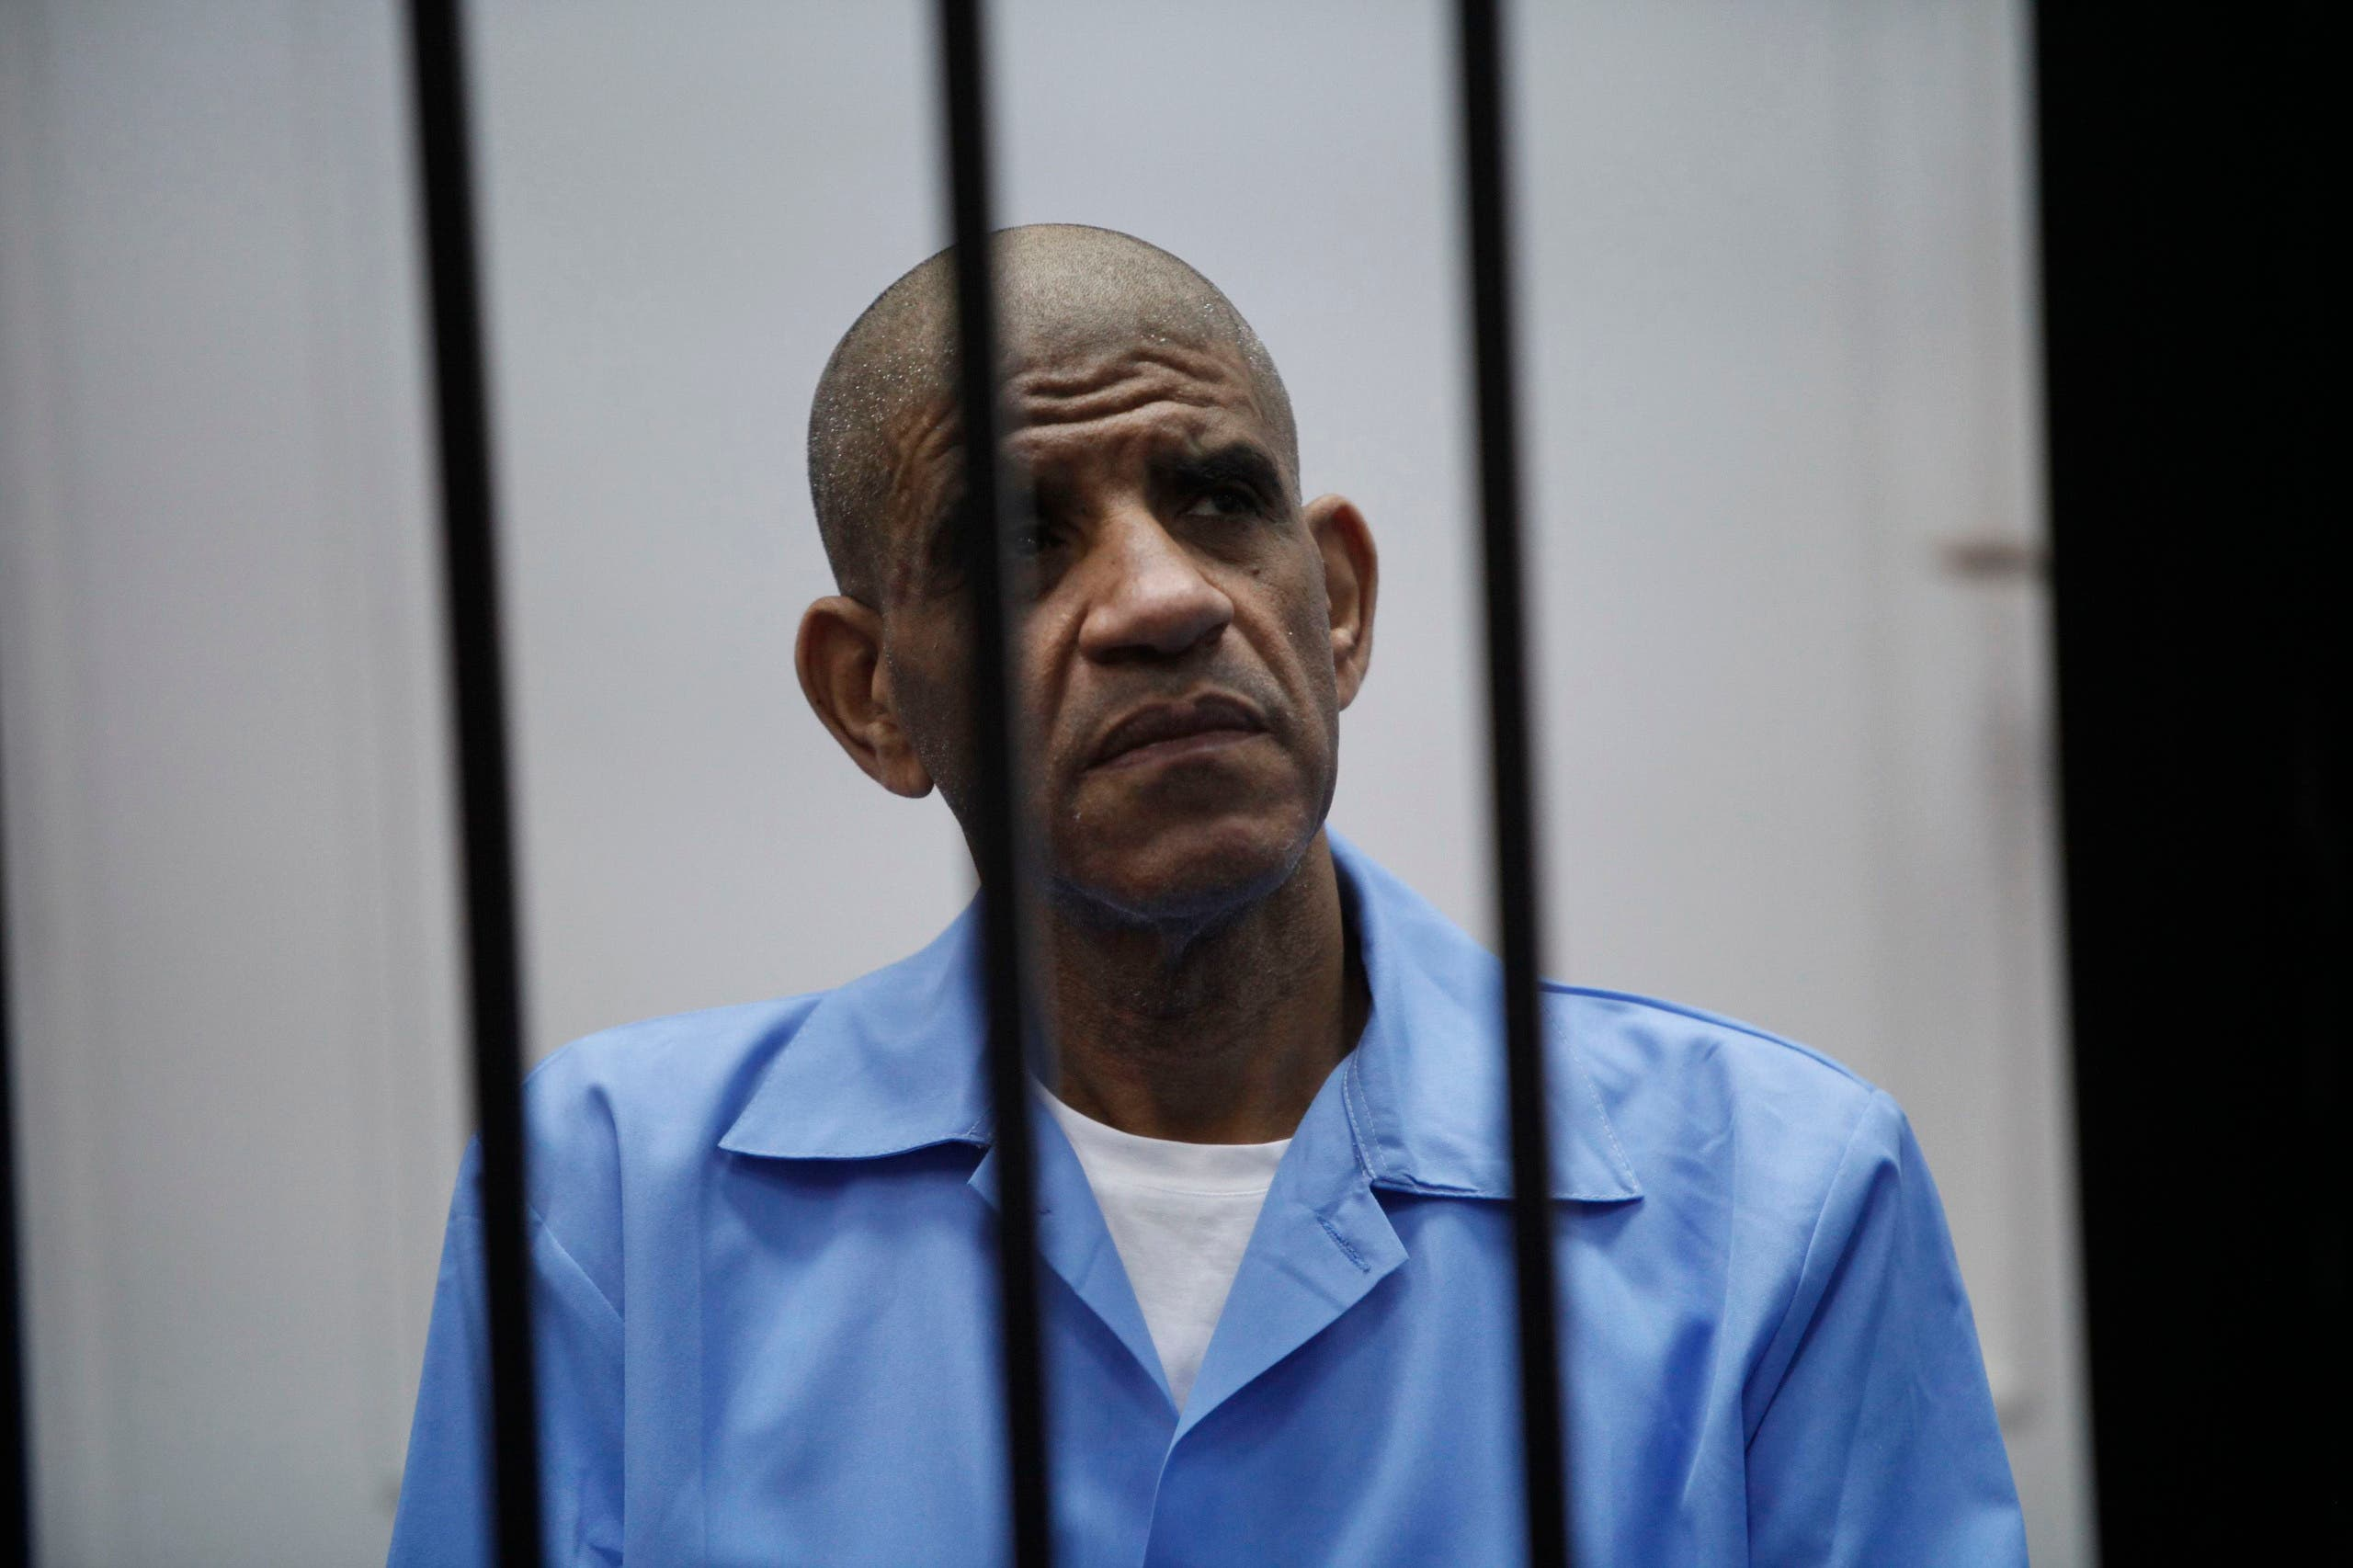 عبدالله السنوسي أثناء محاكمته في 2014 (رويترز)